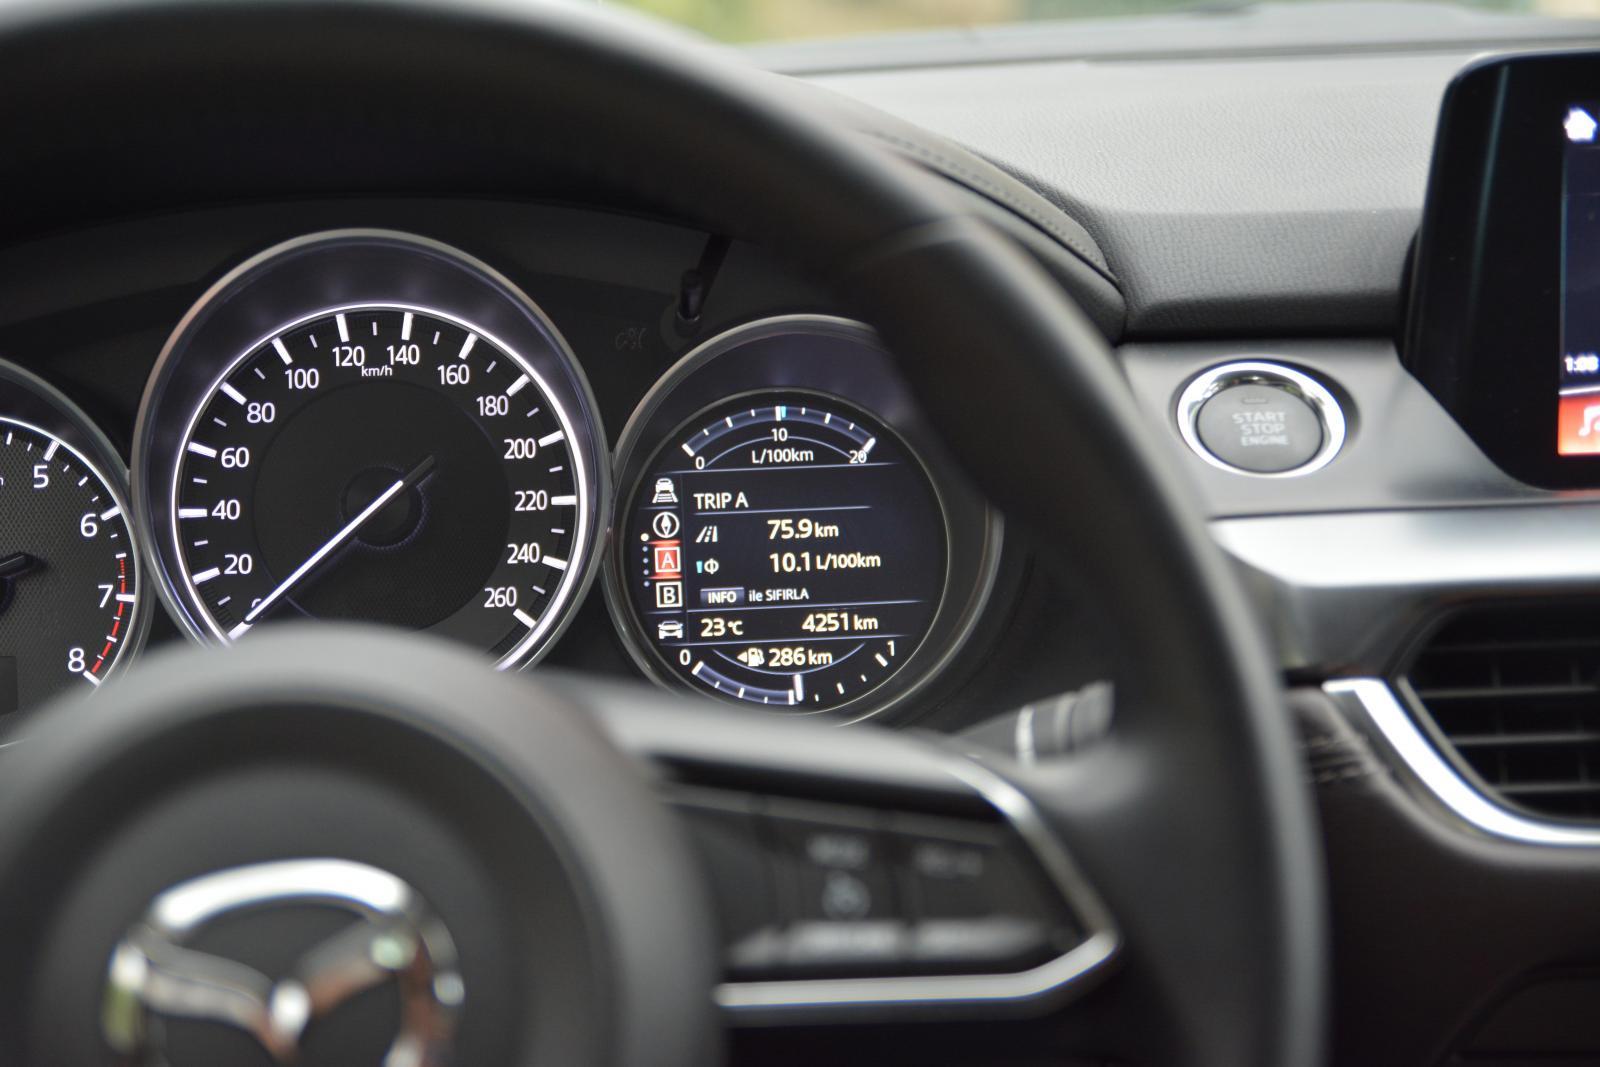 2017 Mazda6 Bilgi Ekranı - Trip A